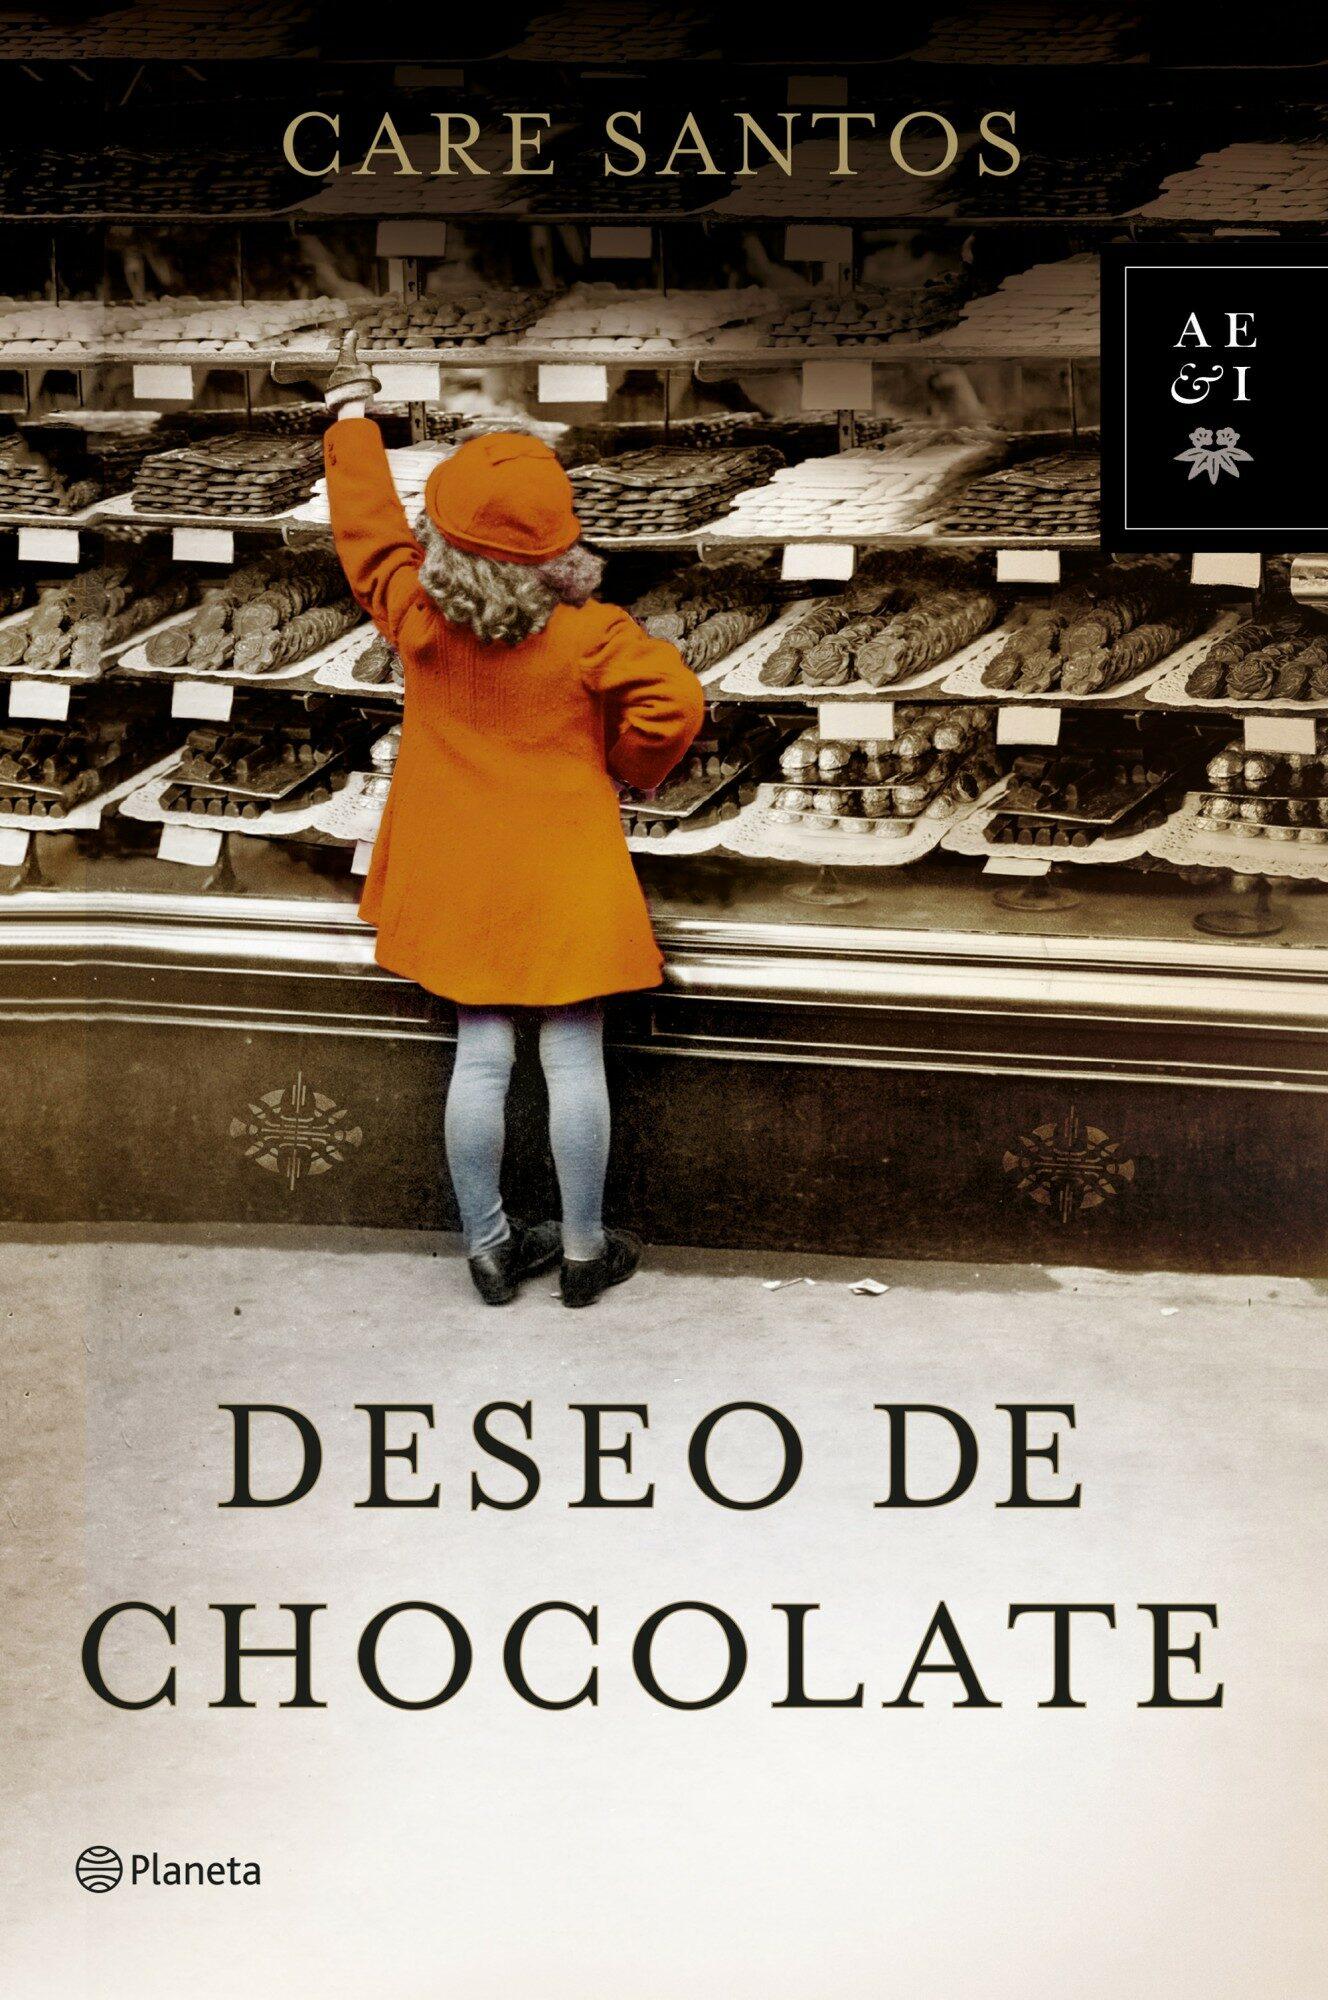 deseo de chocolate care santos